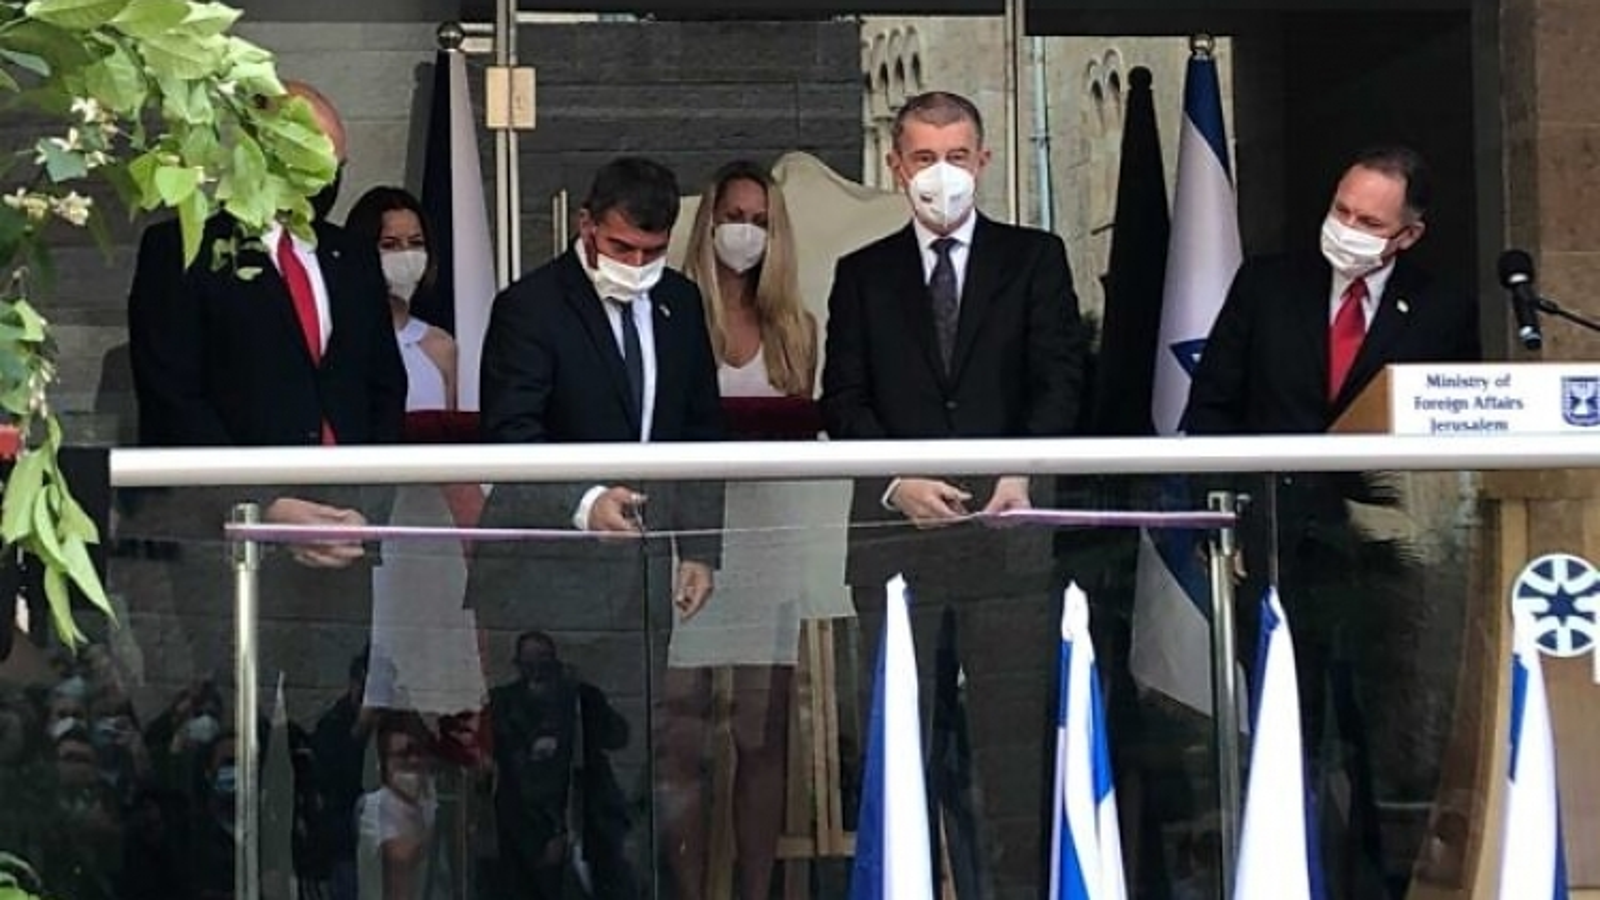 Séc khánh thành văn phòng ngoại giao tại Jerusalem